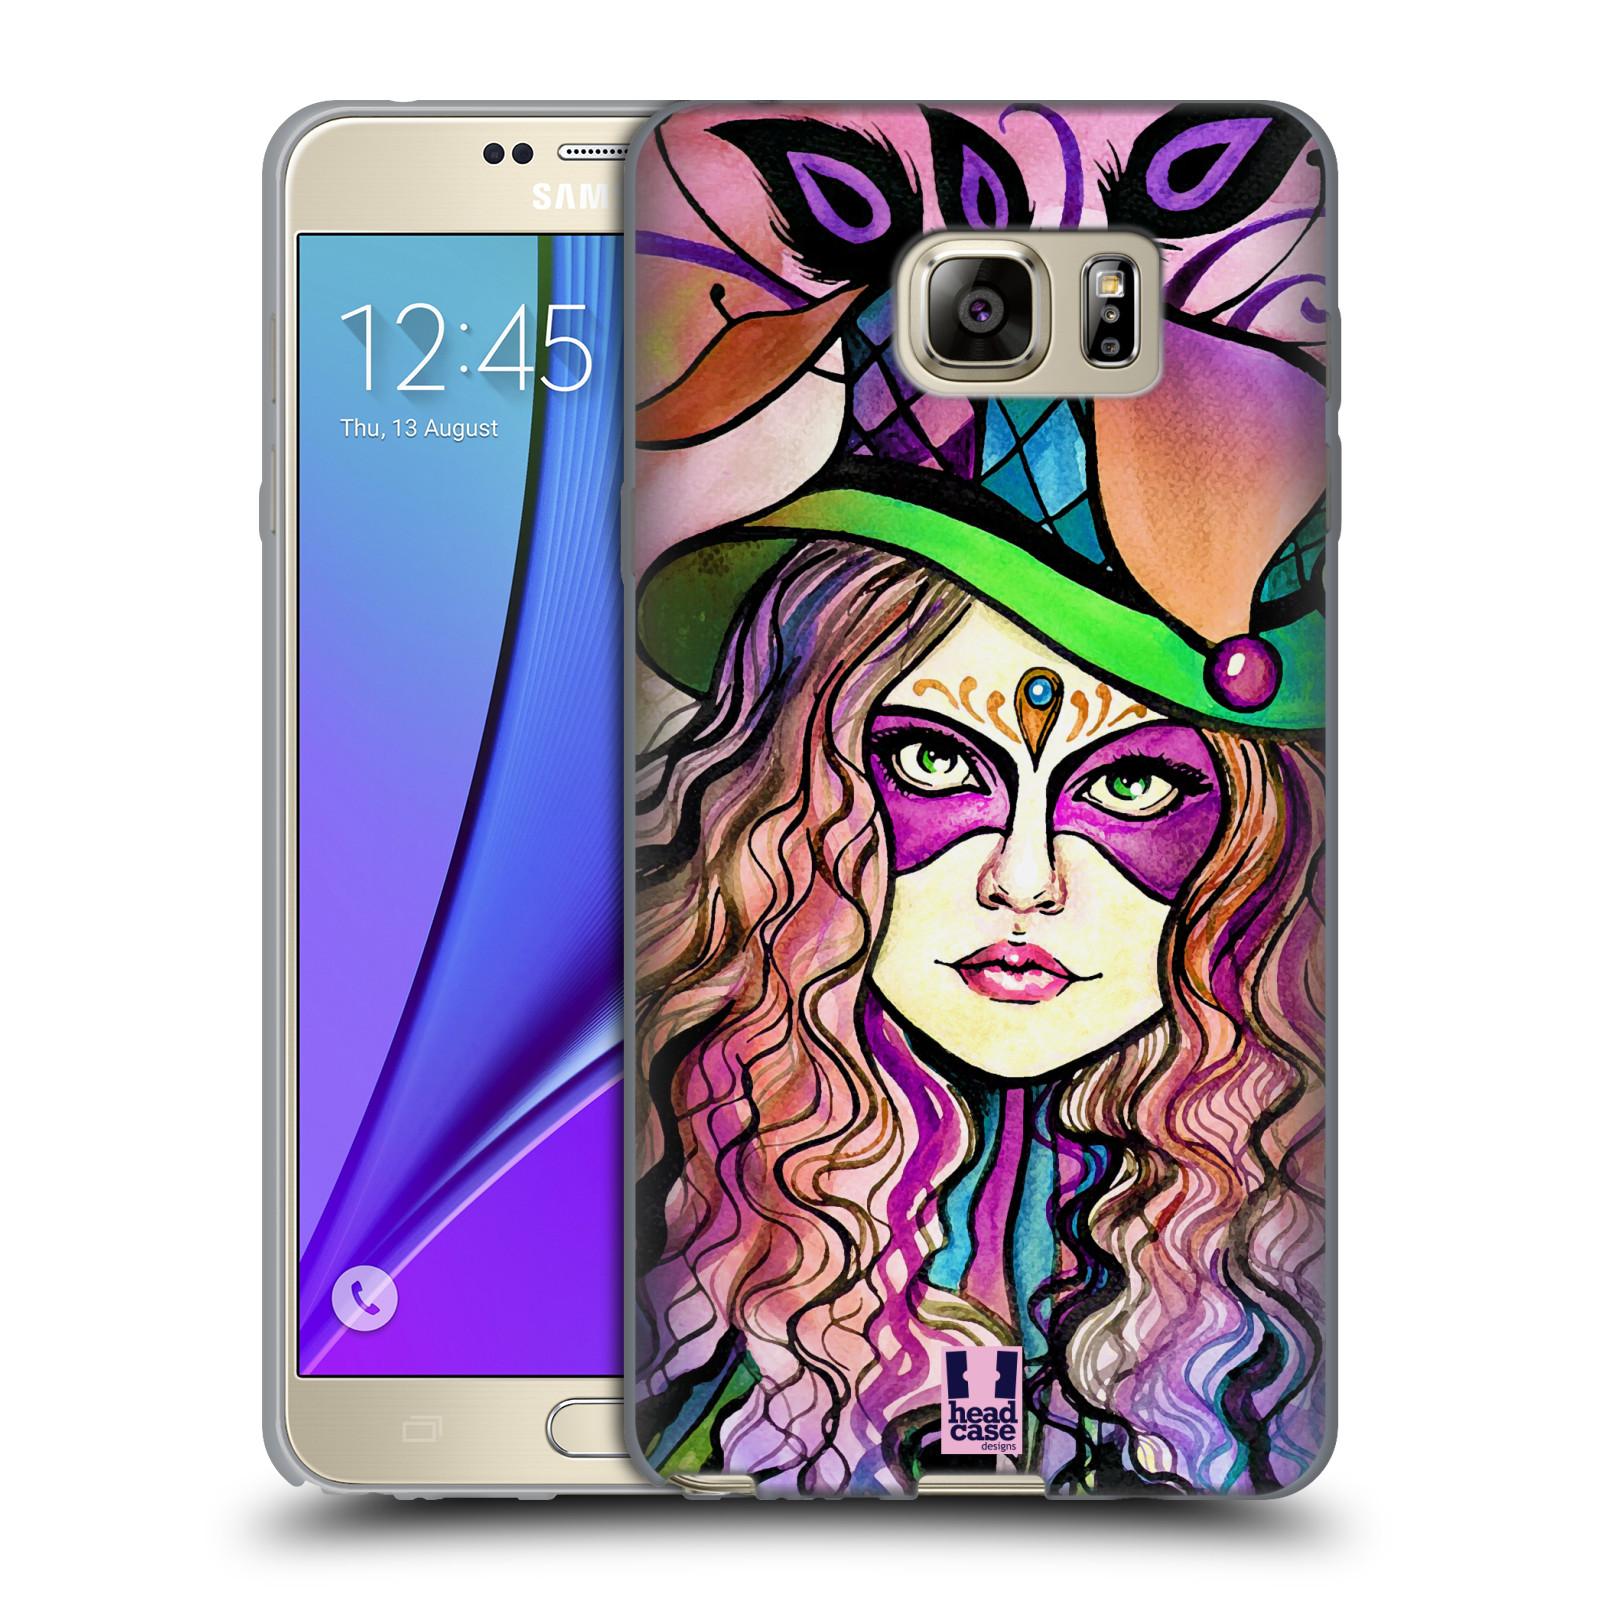 HEAD CASE silikonový obal na mobil Samsung Galaxy Note 5 (N920) vzor Maškarní ples masky kreslené vzory KLOBOUK